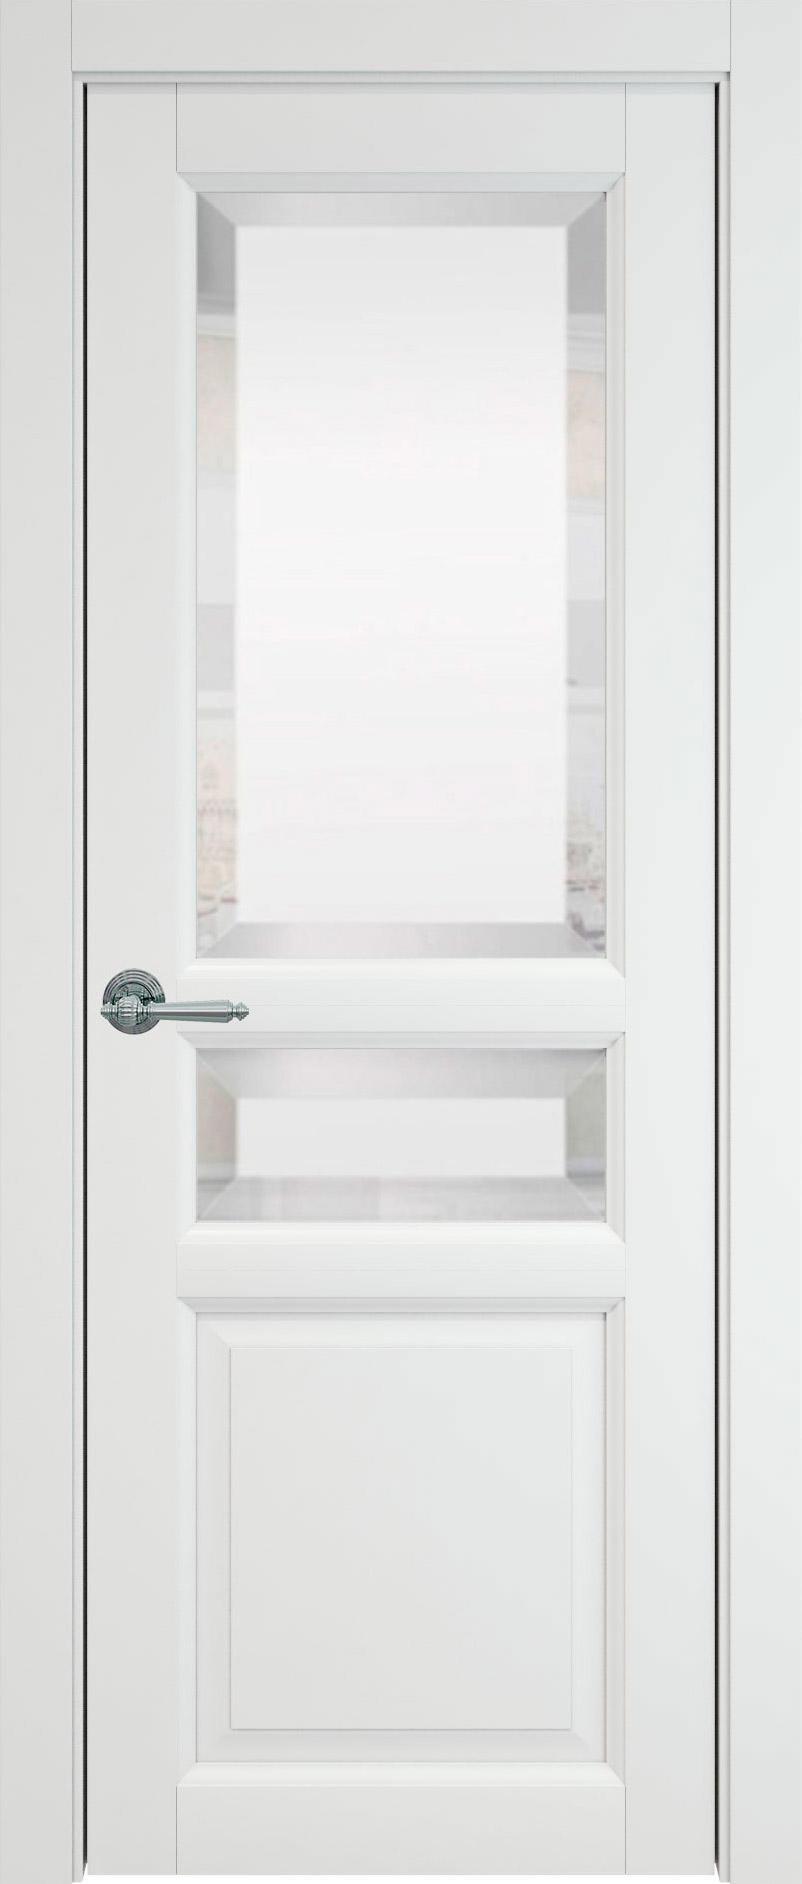 Imperia-R цвет - Белая эмаль (RAL 9003) Со стеклом (ДО)